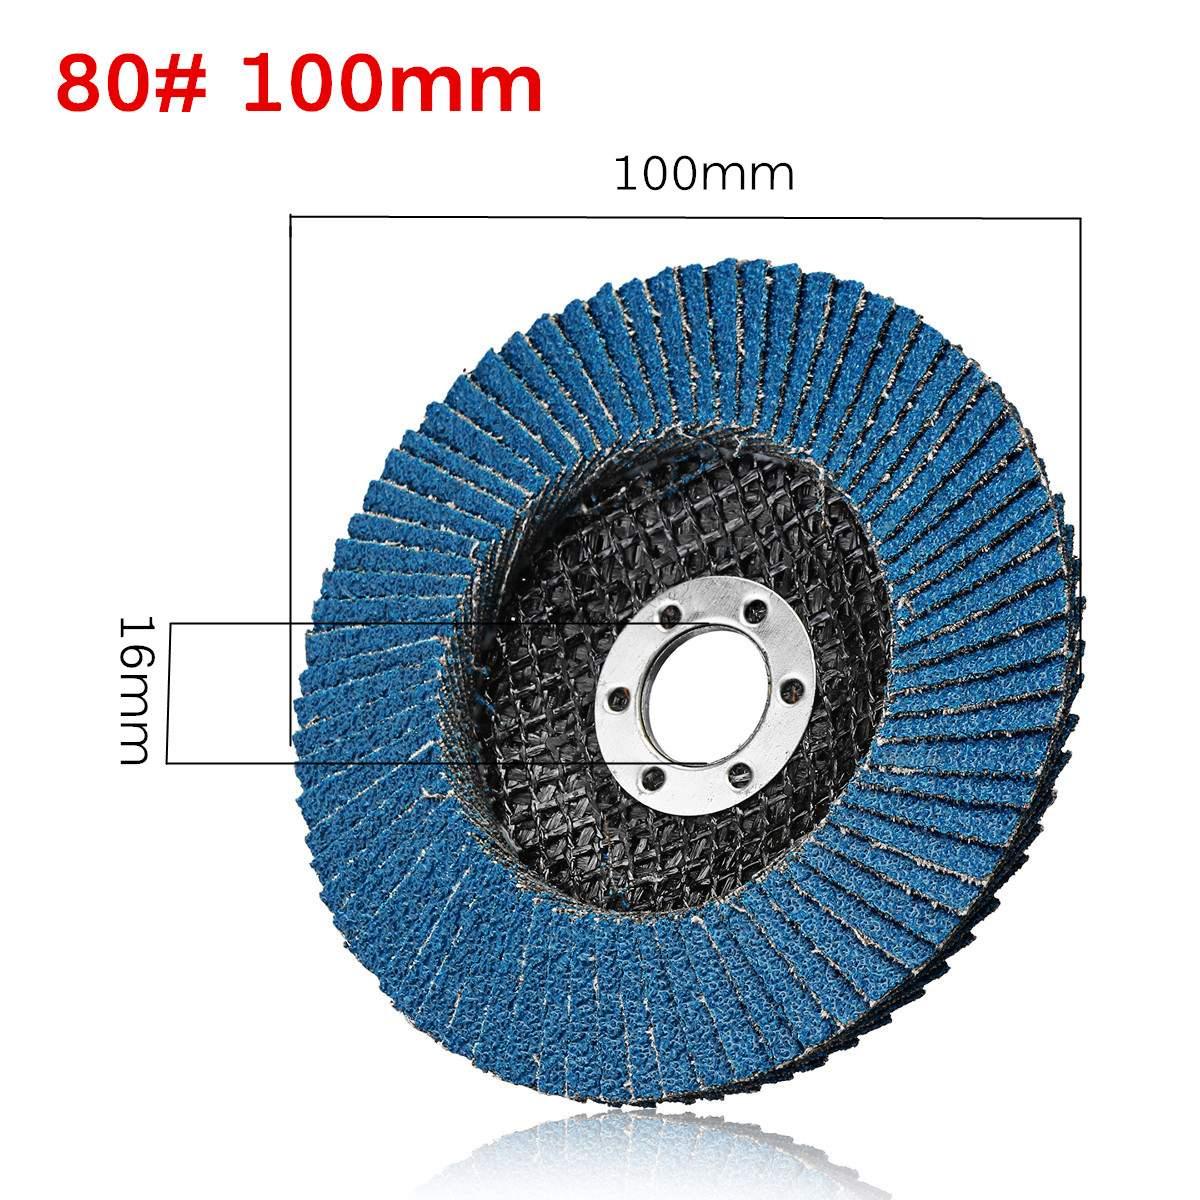 40/ 60/80 /120 Grit 100mm Grinding Wheels Flap Discs Grinder Sanding Discs Metal Plastic Wood Abrasive Tool